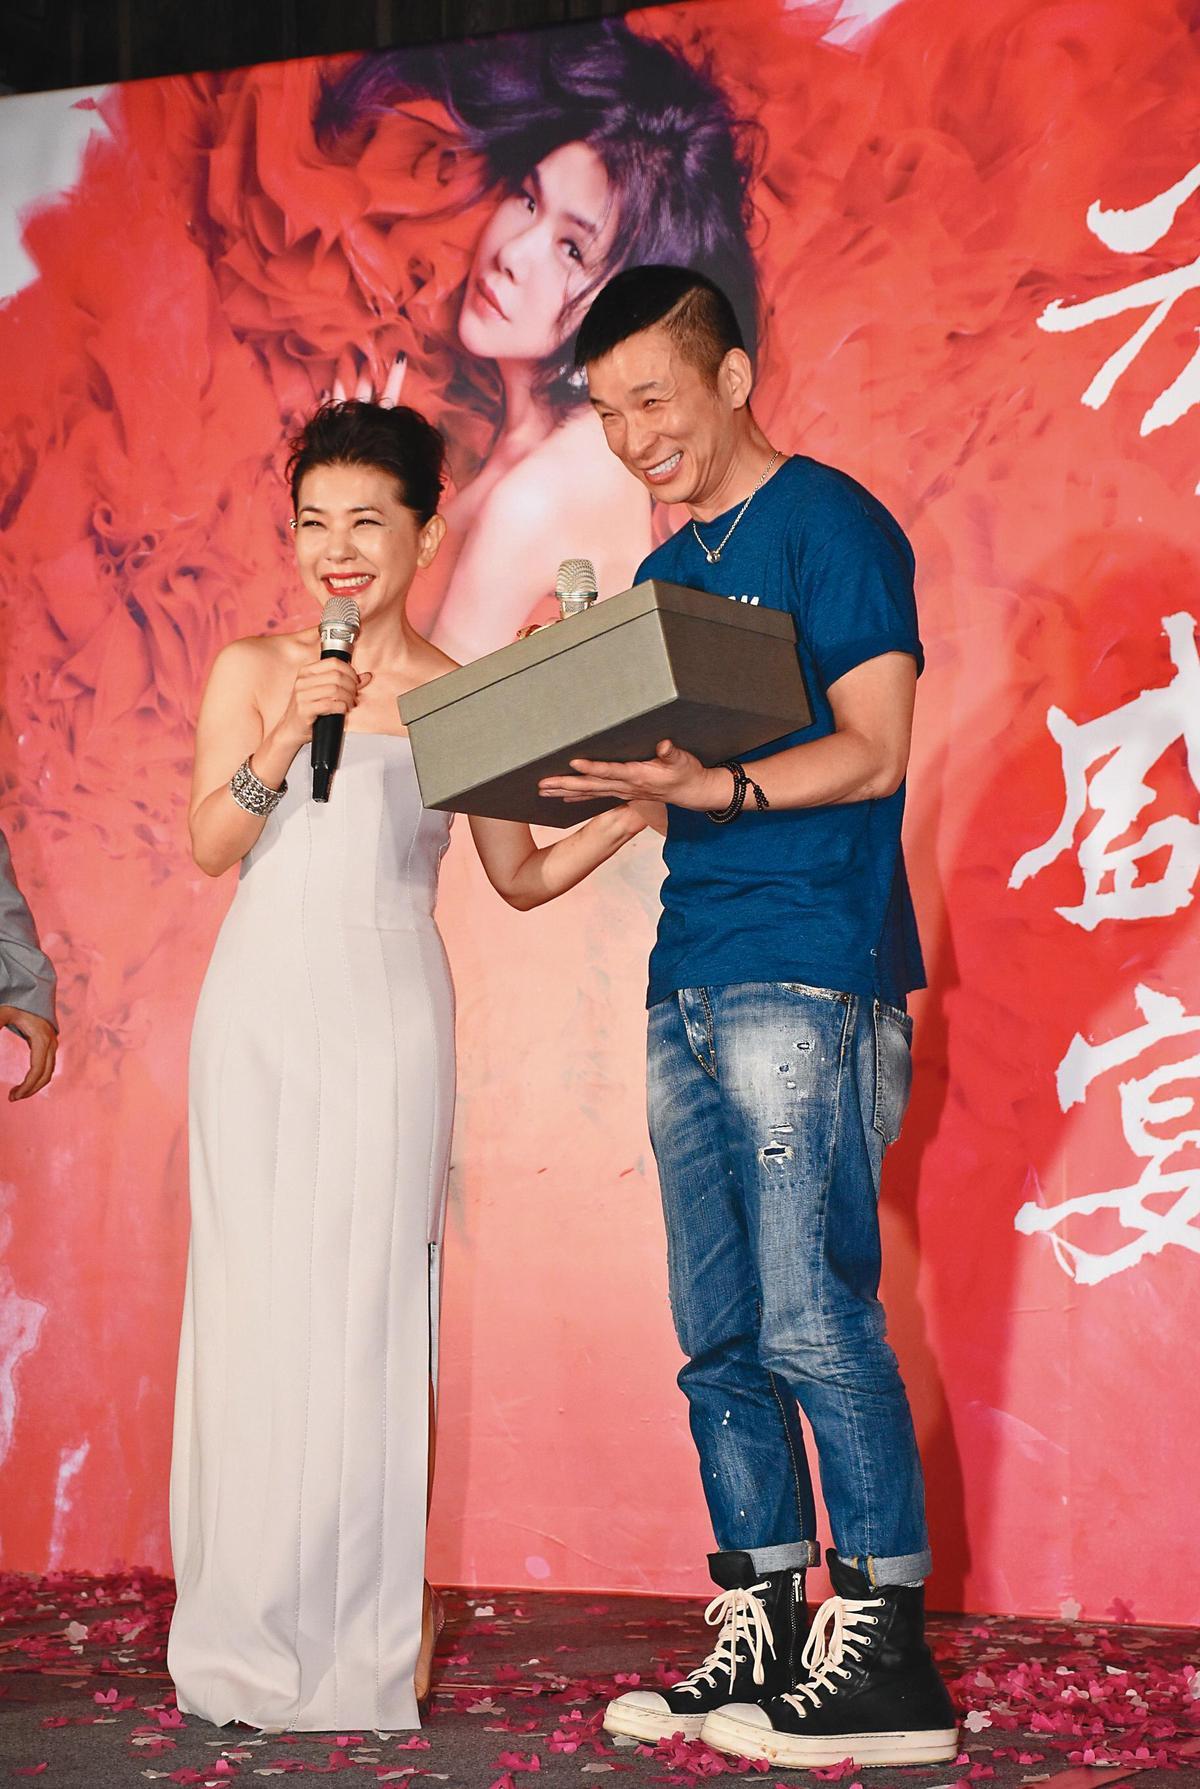 張清芳(左)舉辦「芳華盛宴」演唱會,請出好友陳鎮川(右)擔任演唱會總監。(東方IC)